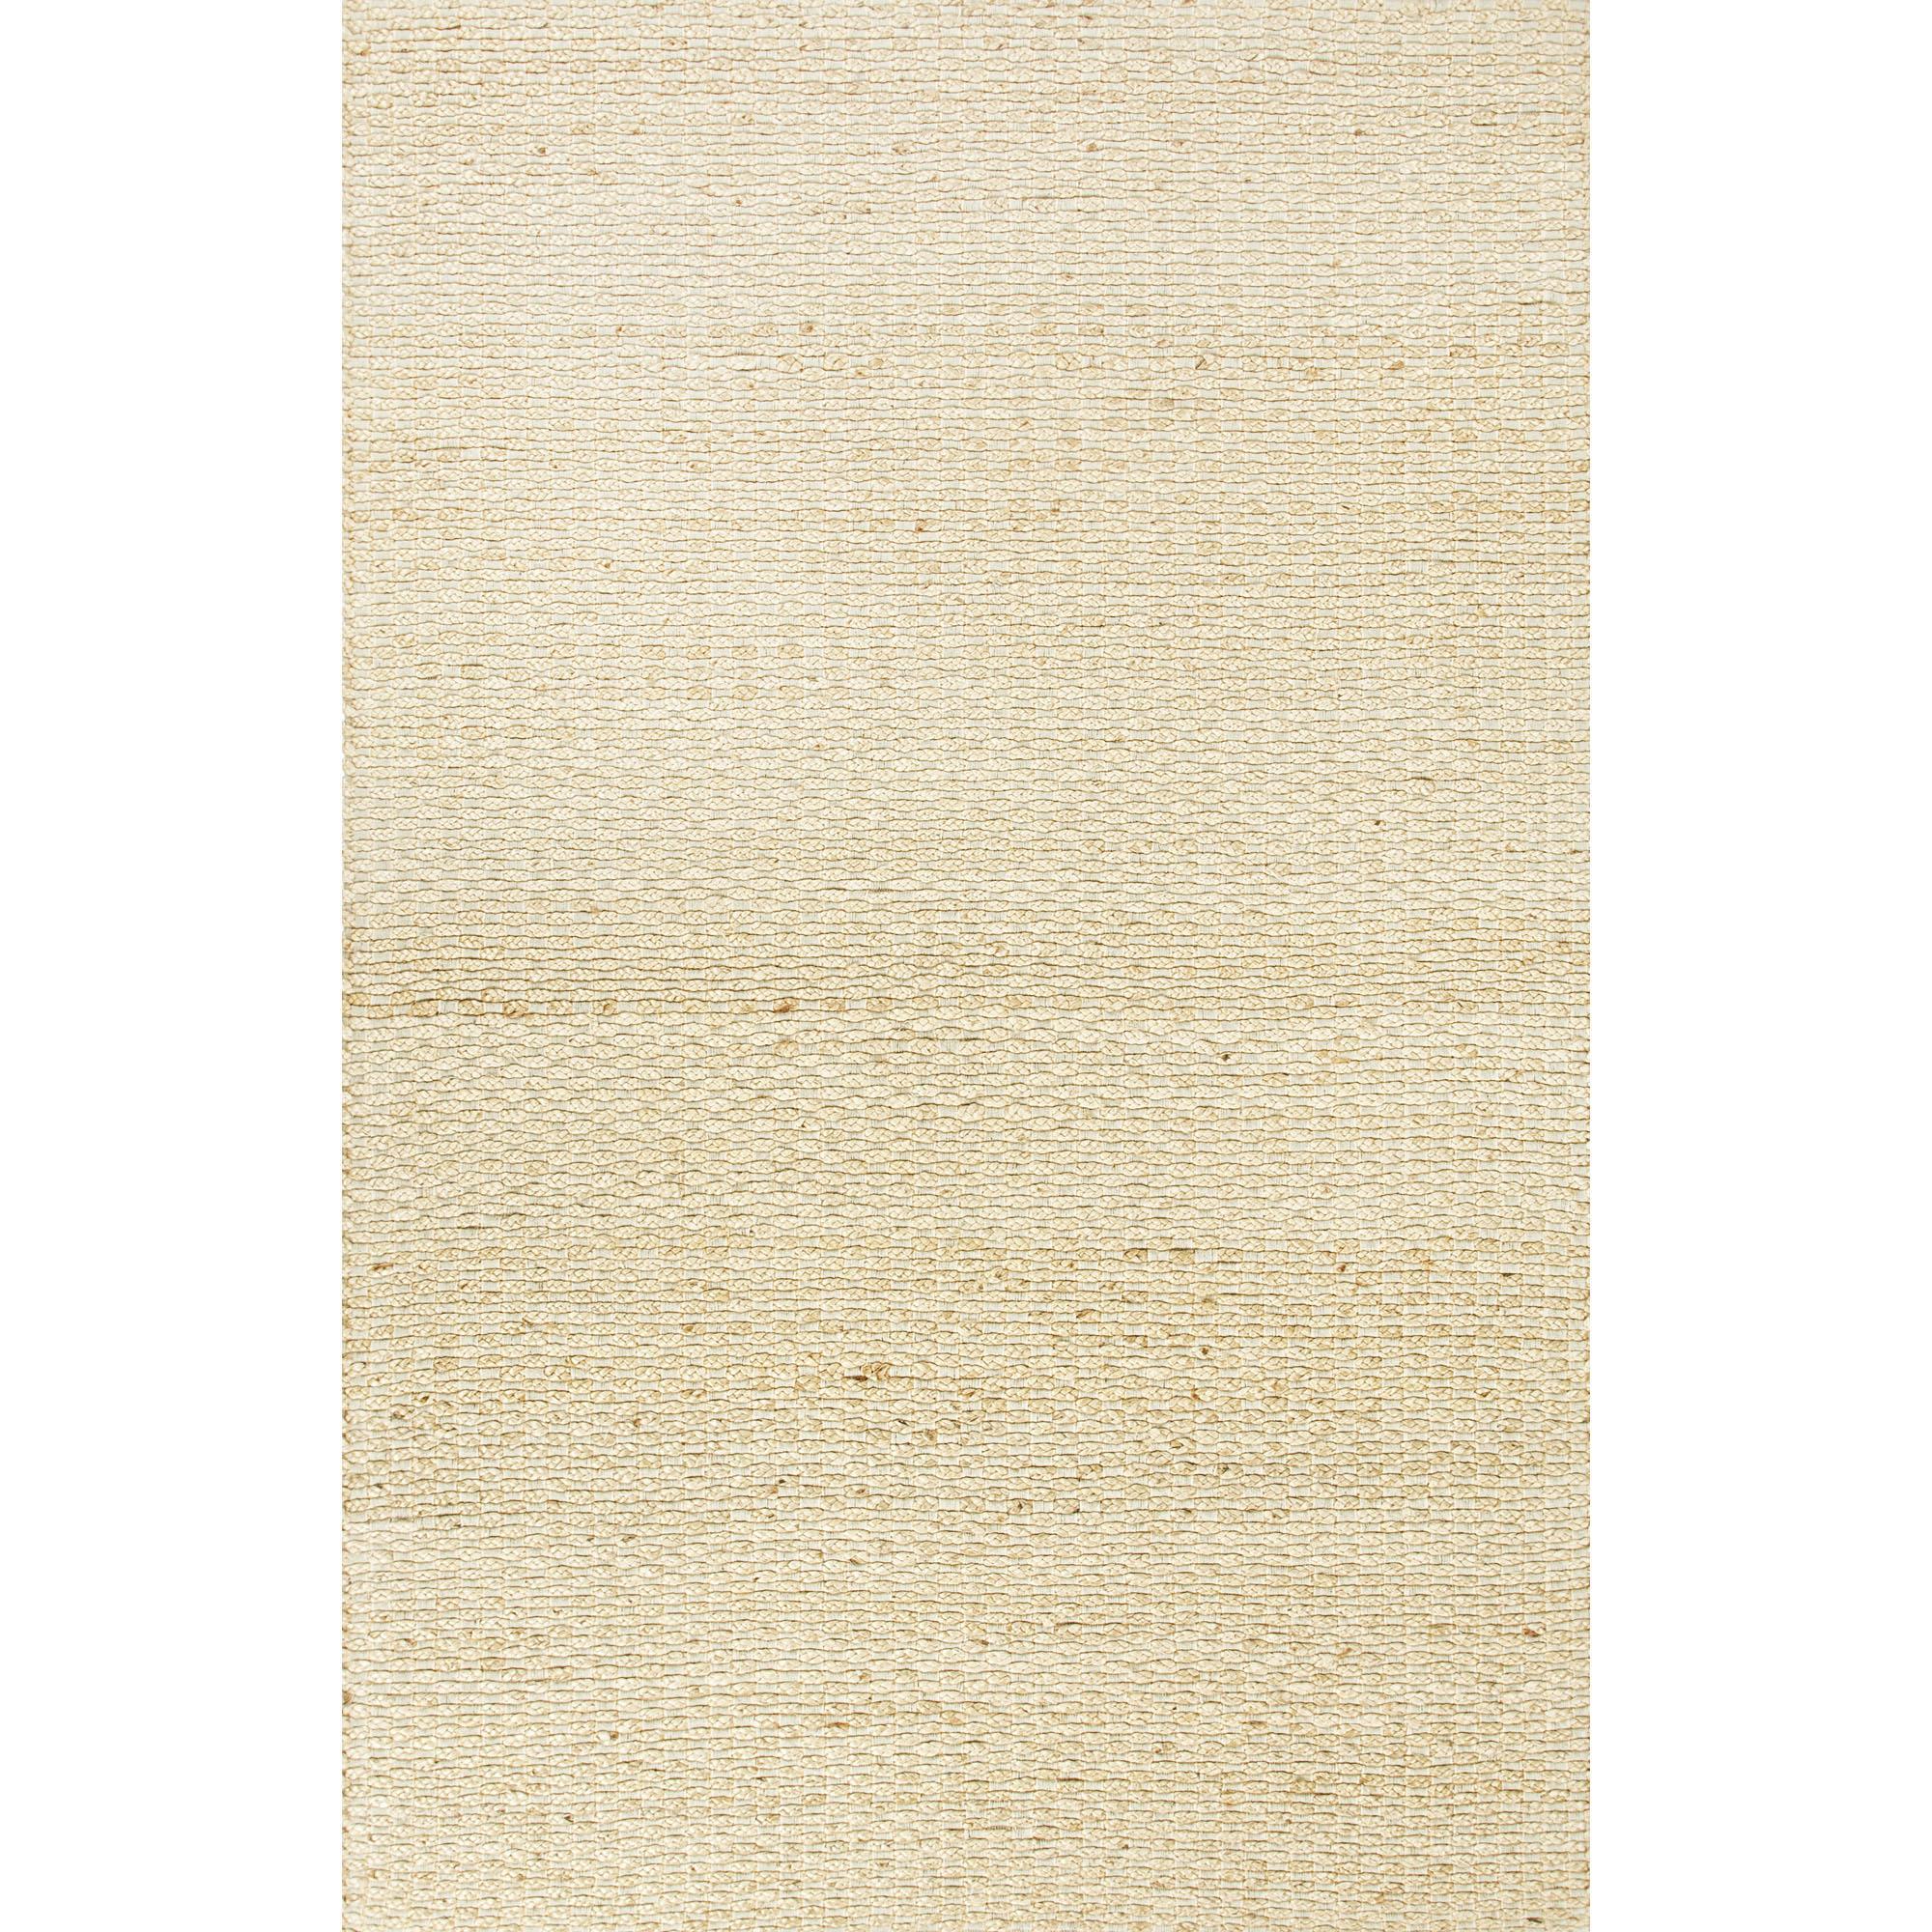 JAIPUR Rugs Andes 9 x 12 Rug - Item Number: RUG113804